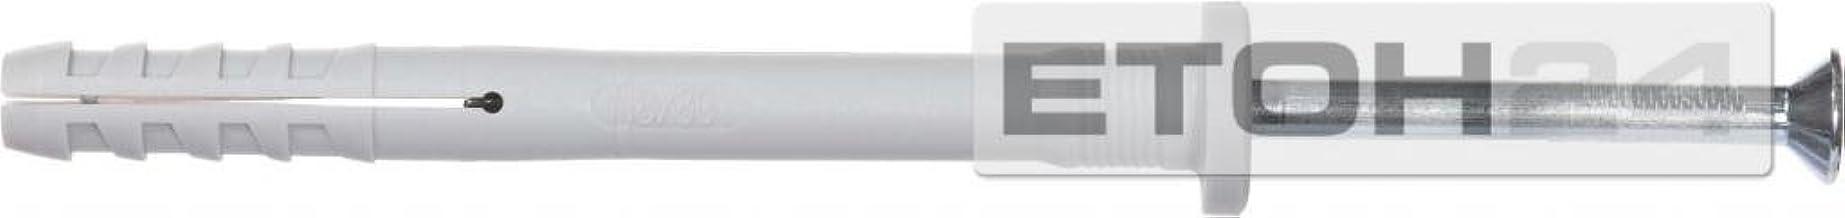 Fischer 513736 nagelplug N 5 x 30/5 F